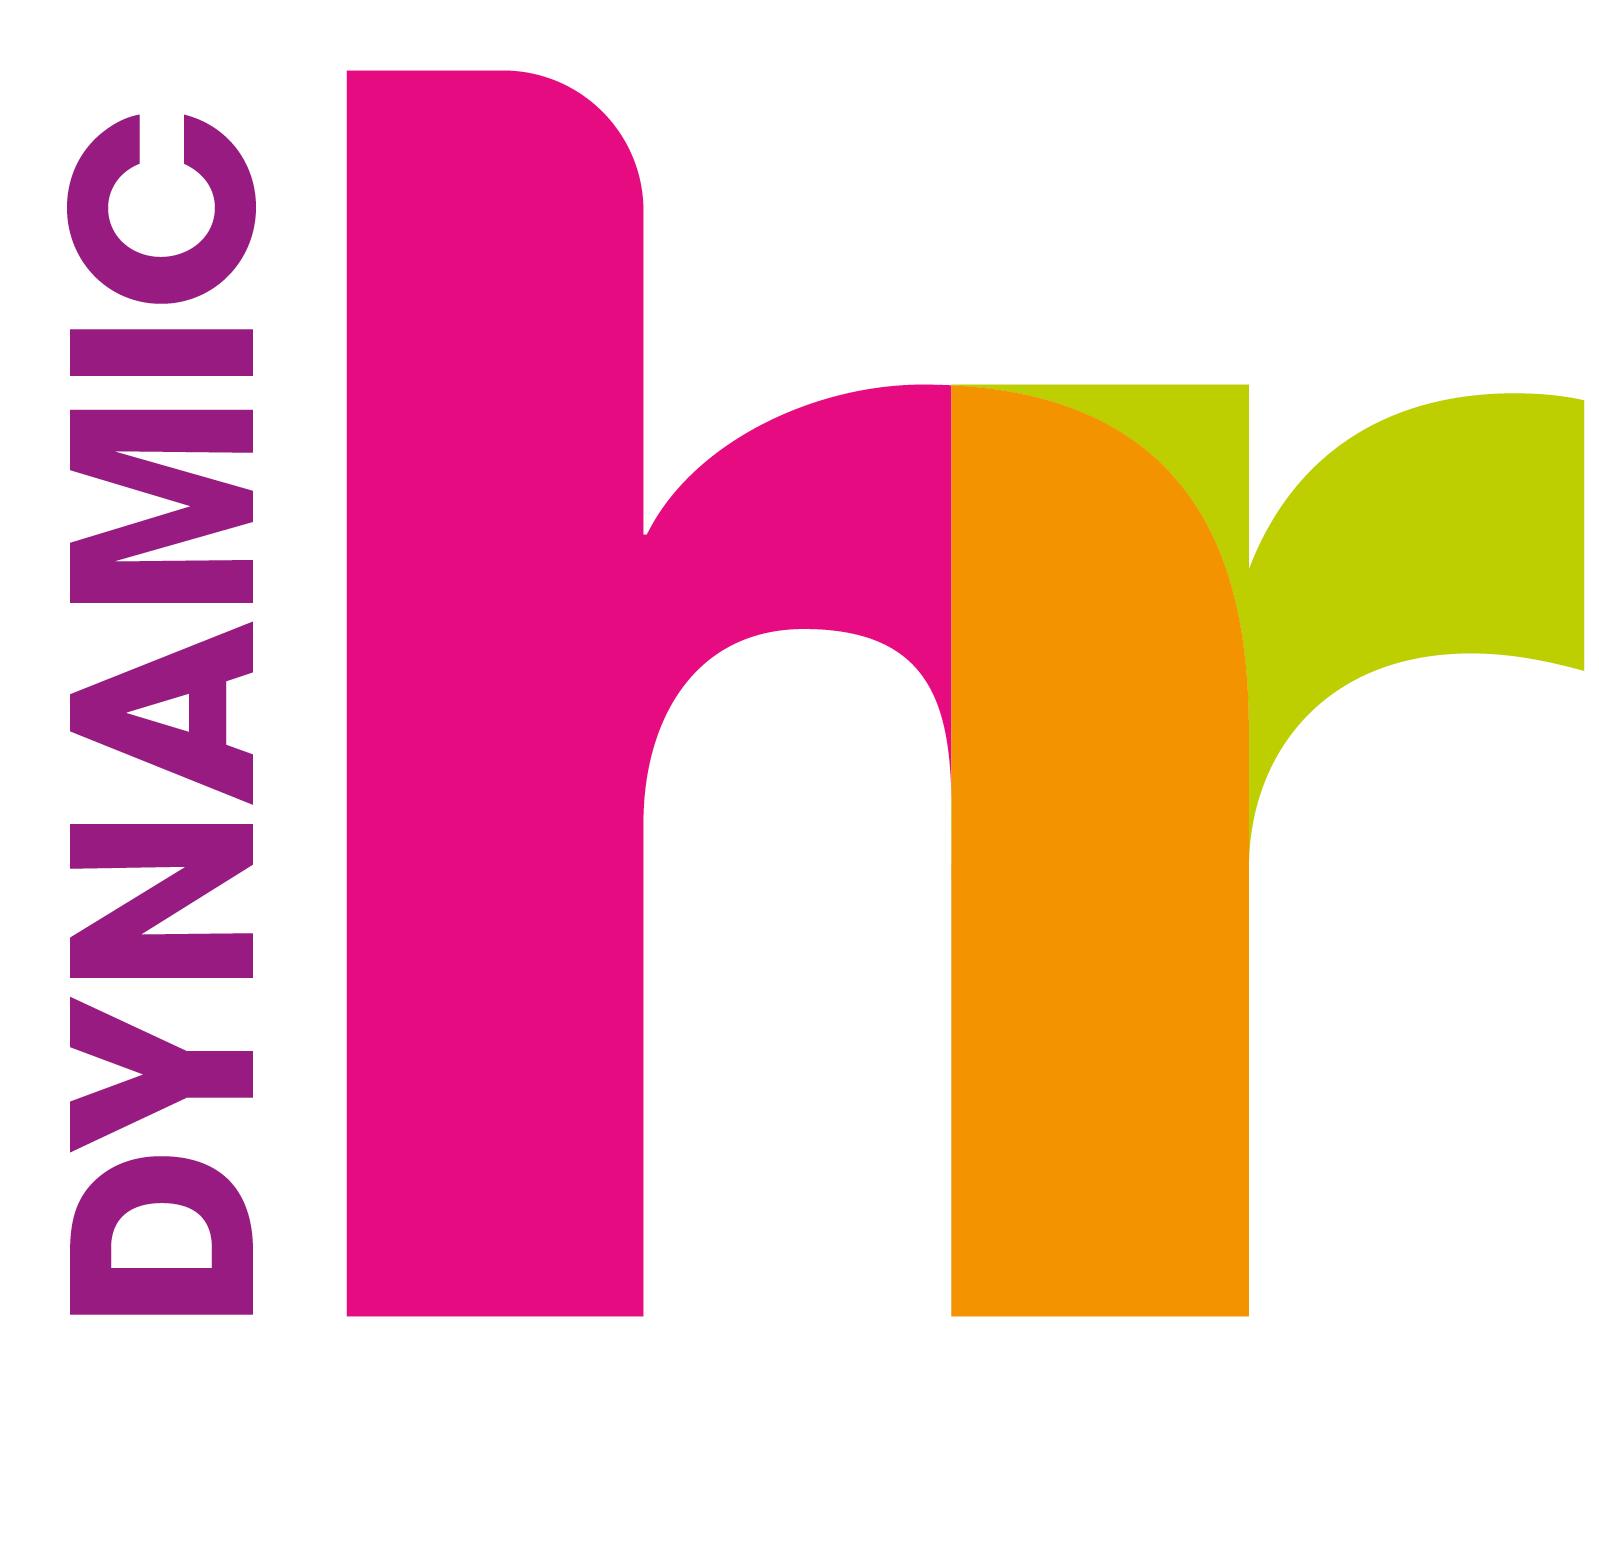 https://dynamicnetworking.biz/wp-content/uploads/2019/07/DHR-logo-1.png